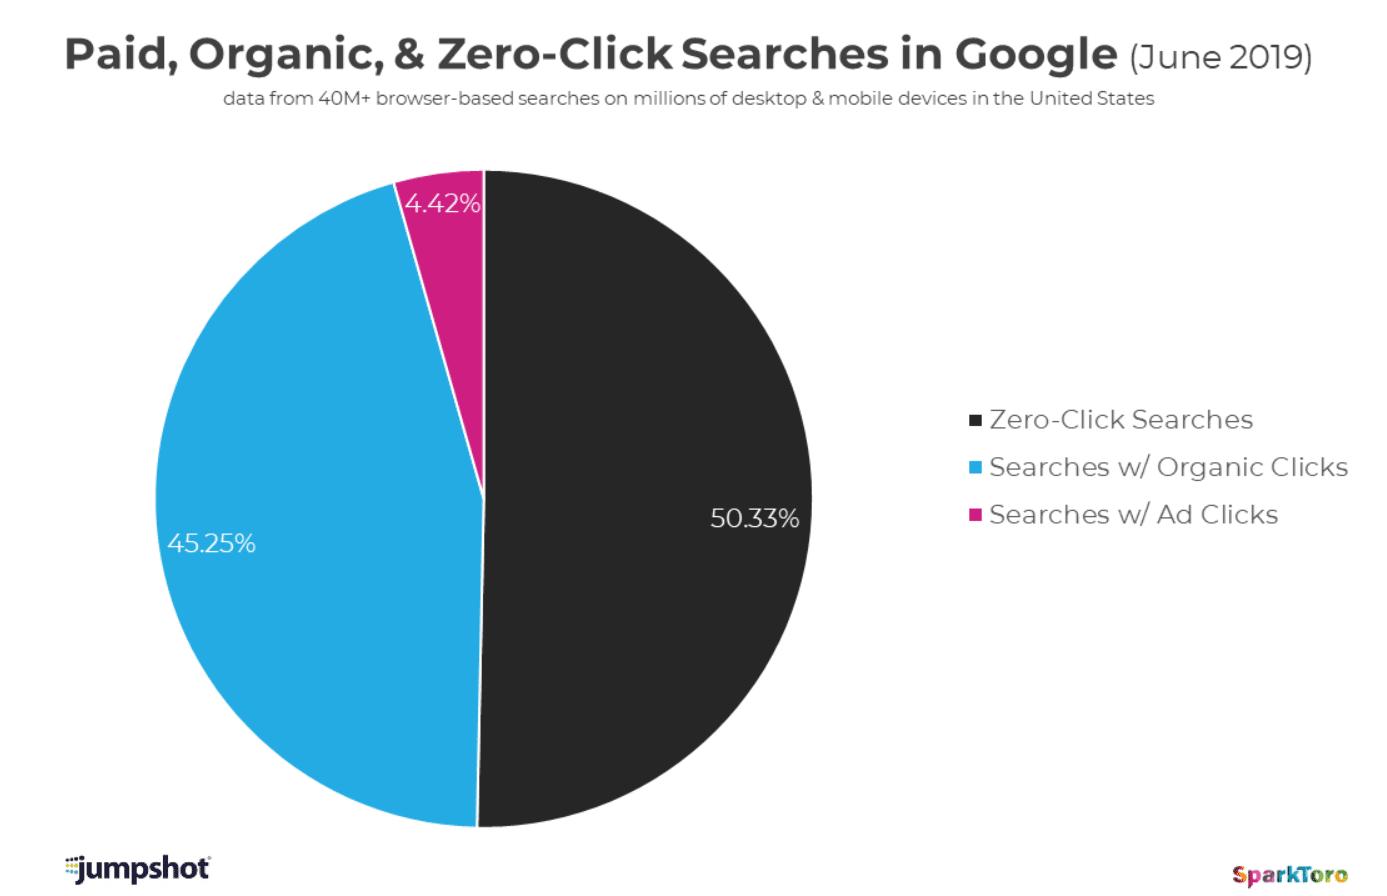 A présent, moins de la moitié des recherches Google aboutissent à un clic